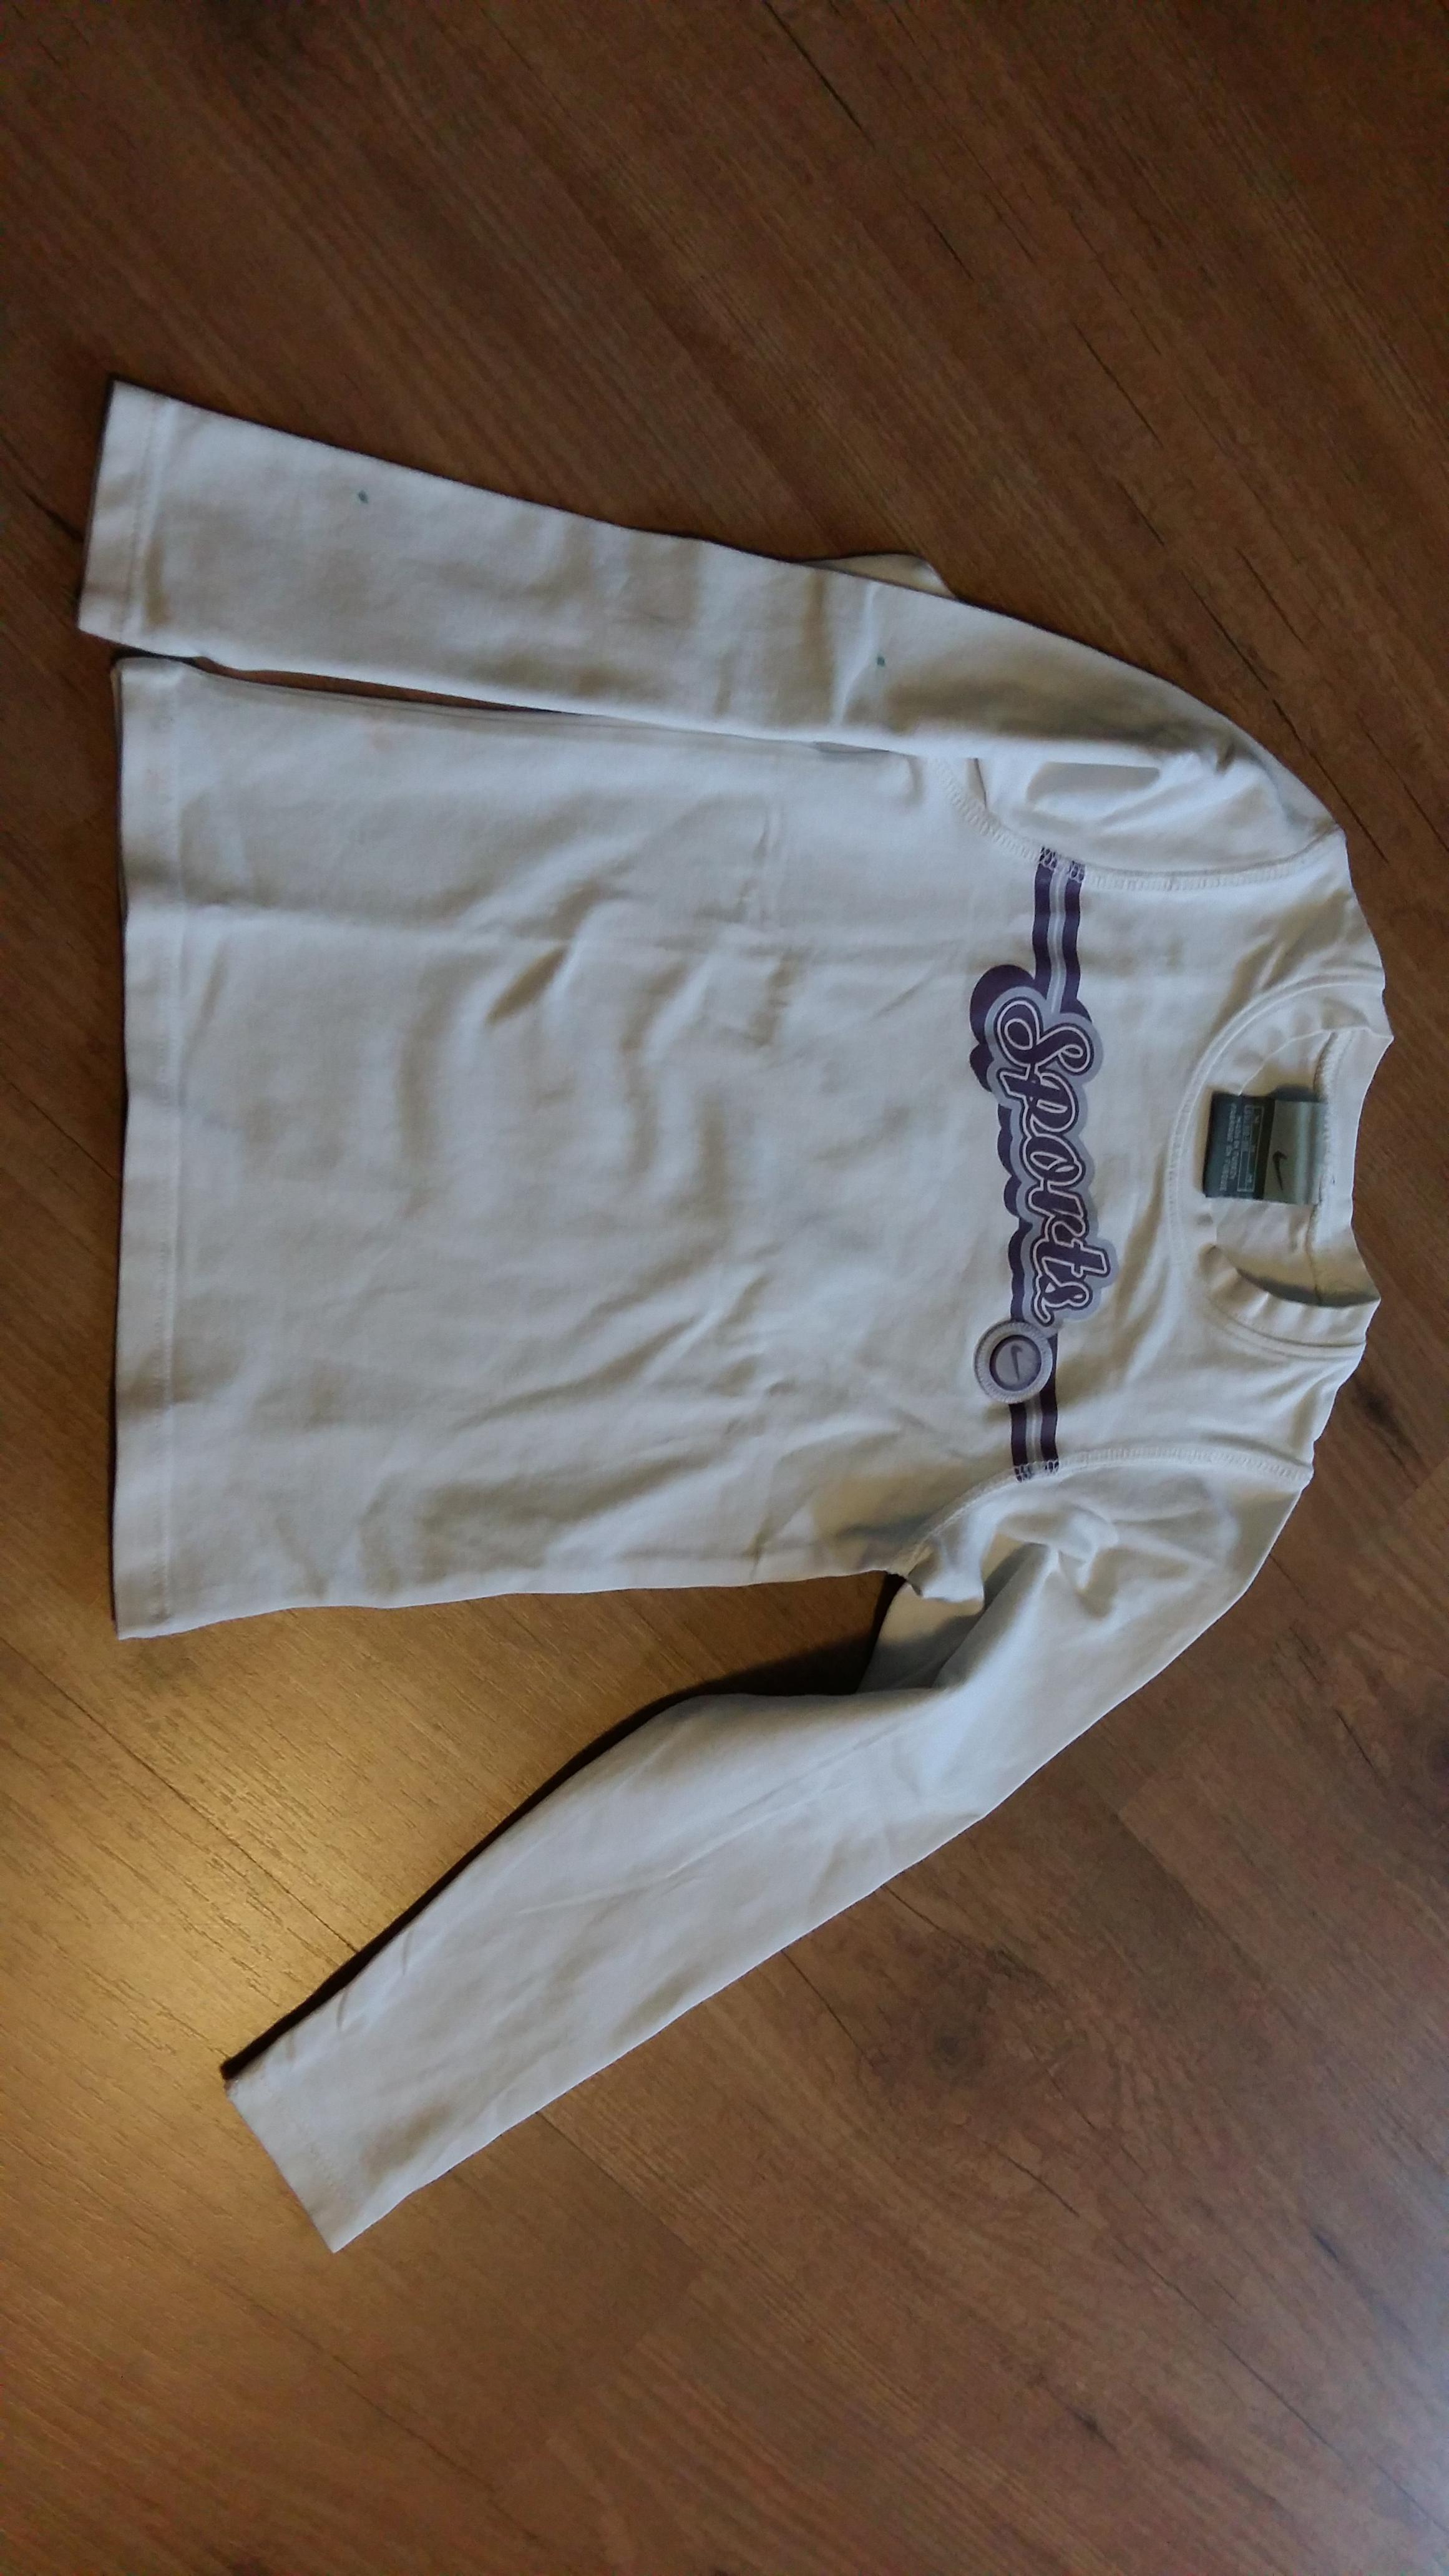 troc de troc t-shirt nike 6 ans image 0